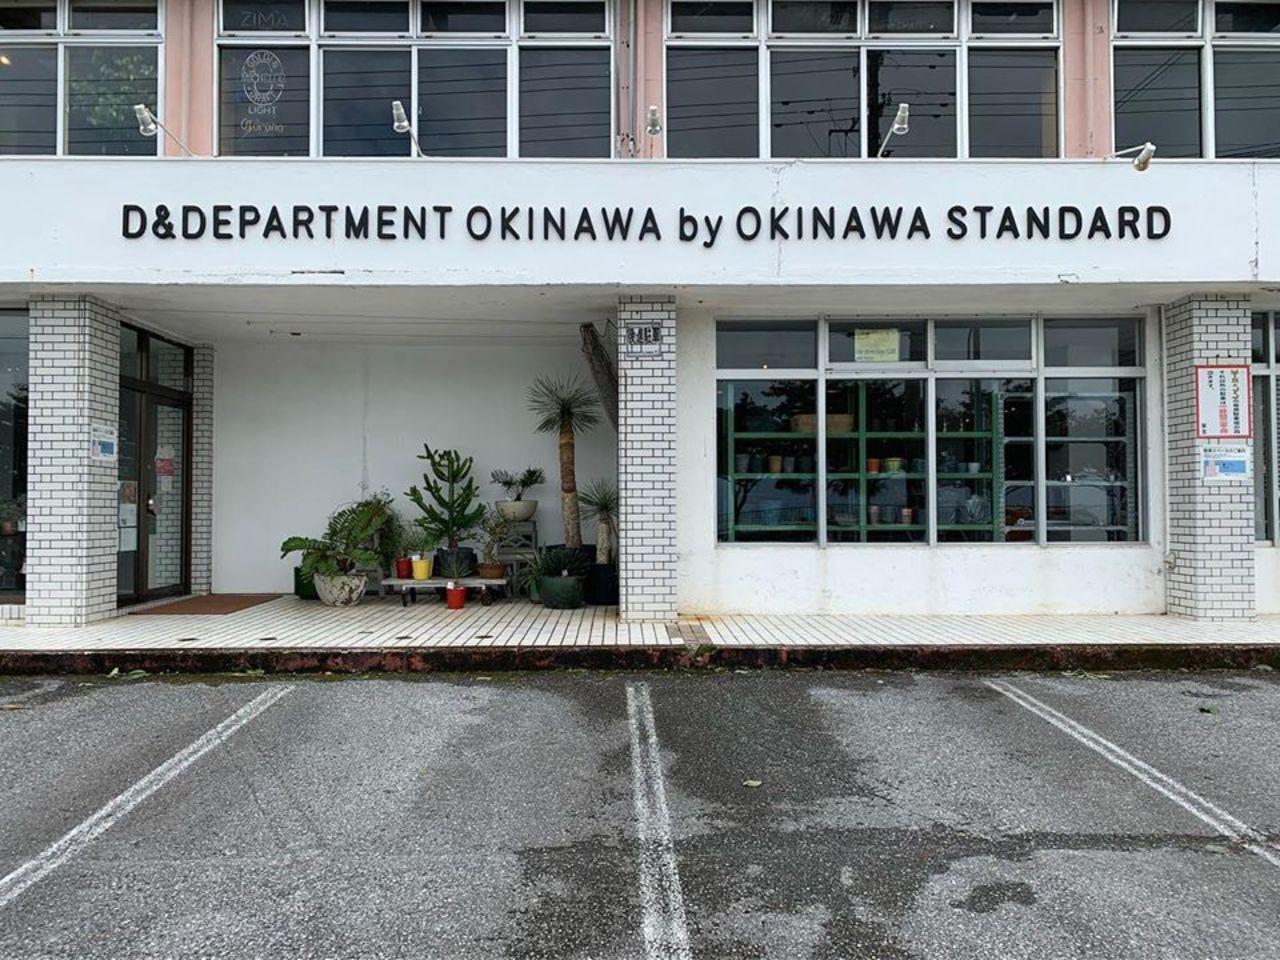 【 ディアンドデパートメント オキナワ 】家具・雑貨(沖縄県宜野湾市)